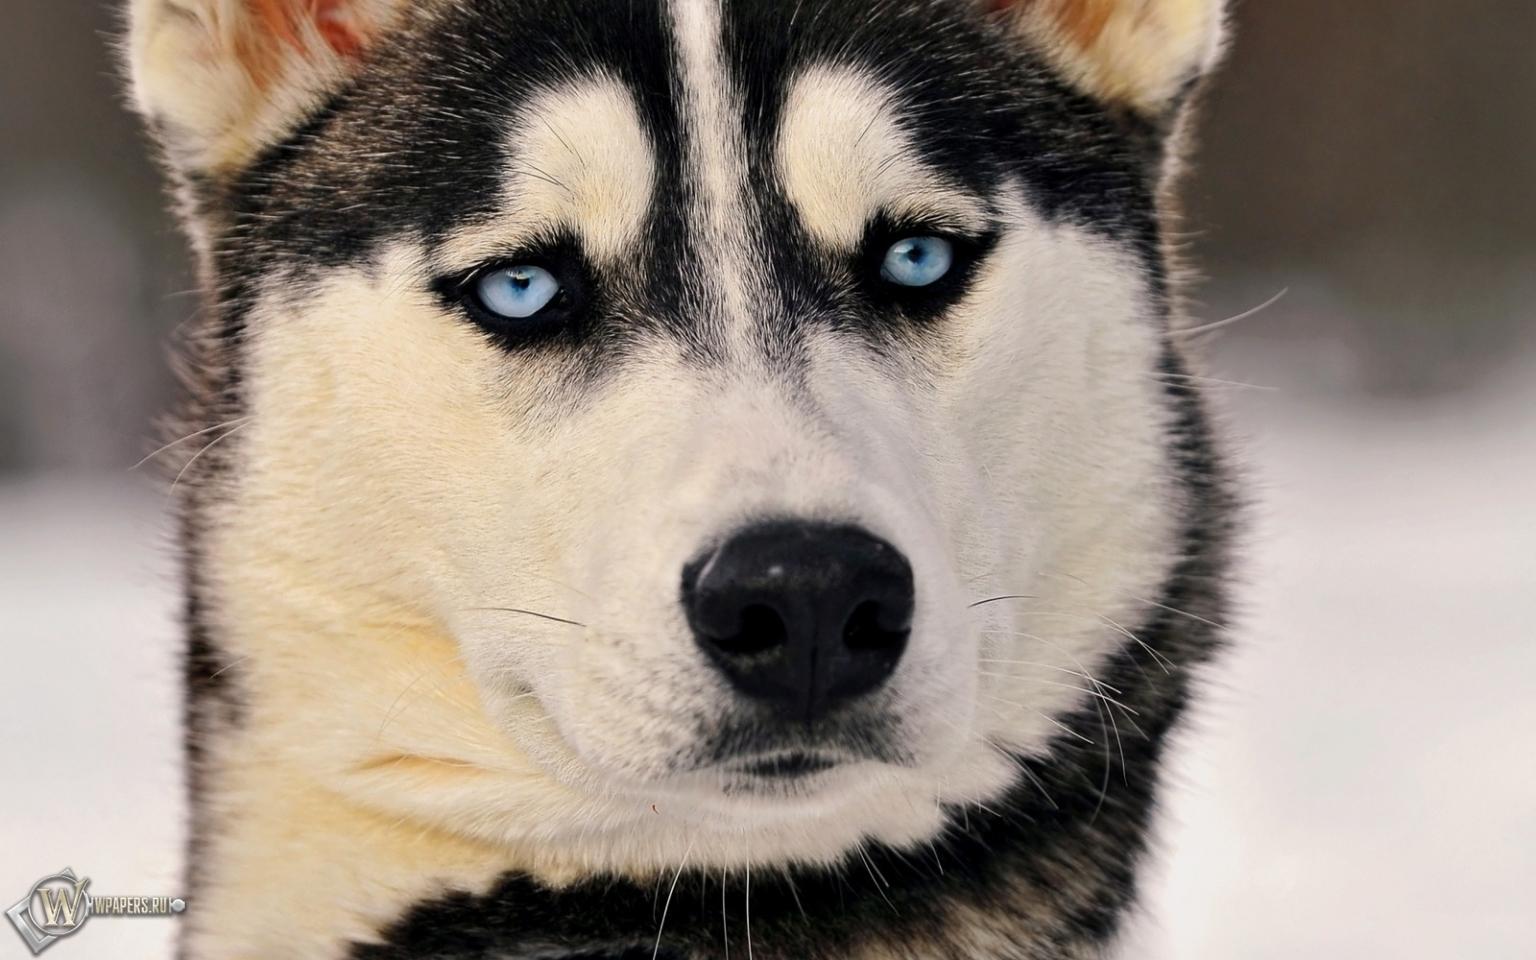 http://wpapers.ru/wallpapers/animals/Dogs/6898/1536x960_%D0%A5%D0%B0%D1%81%D0%BA%D0%B8.jpg